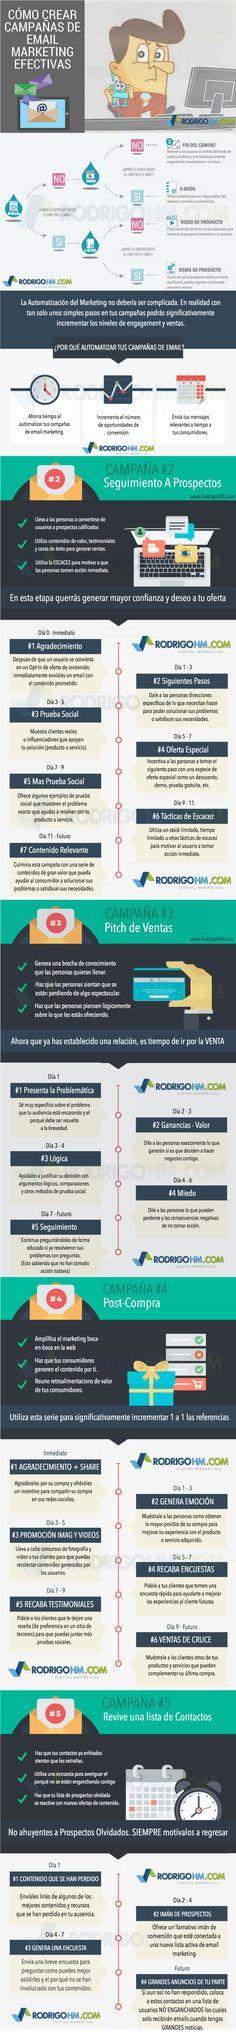 Cómo crear Campañas de Email Marketing efectivas #infografia